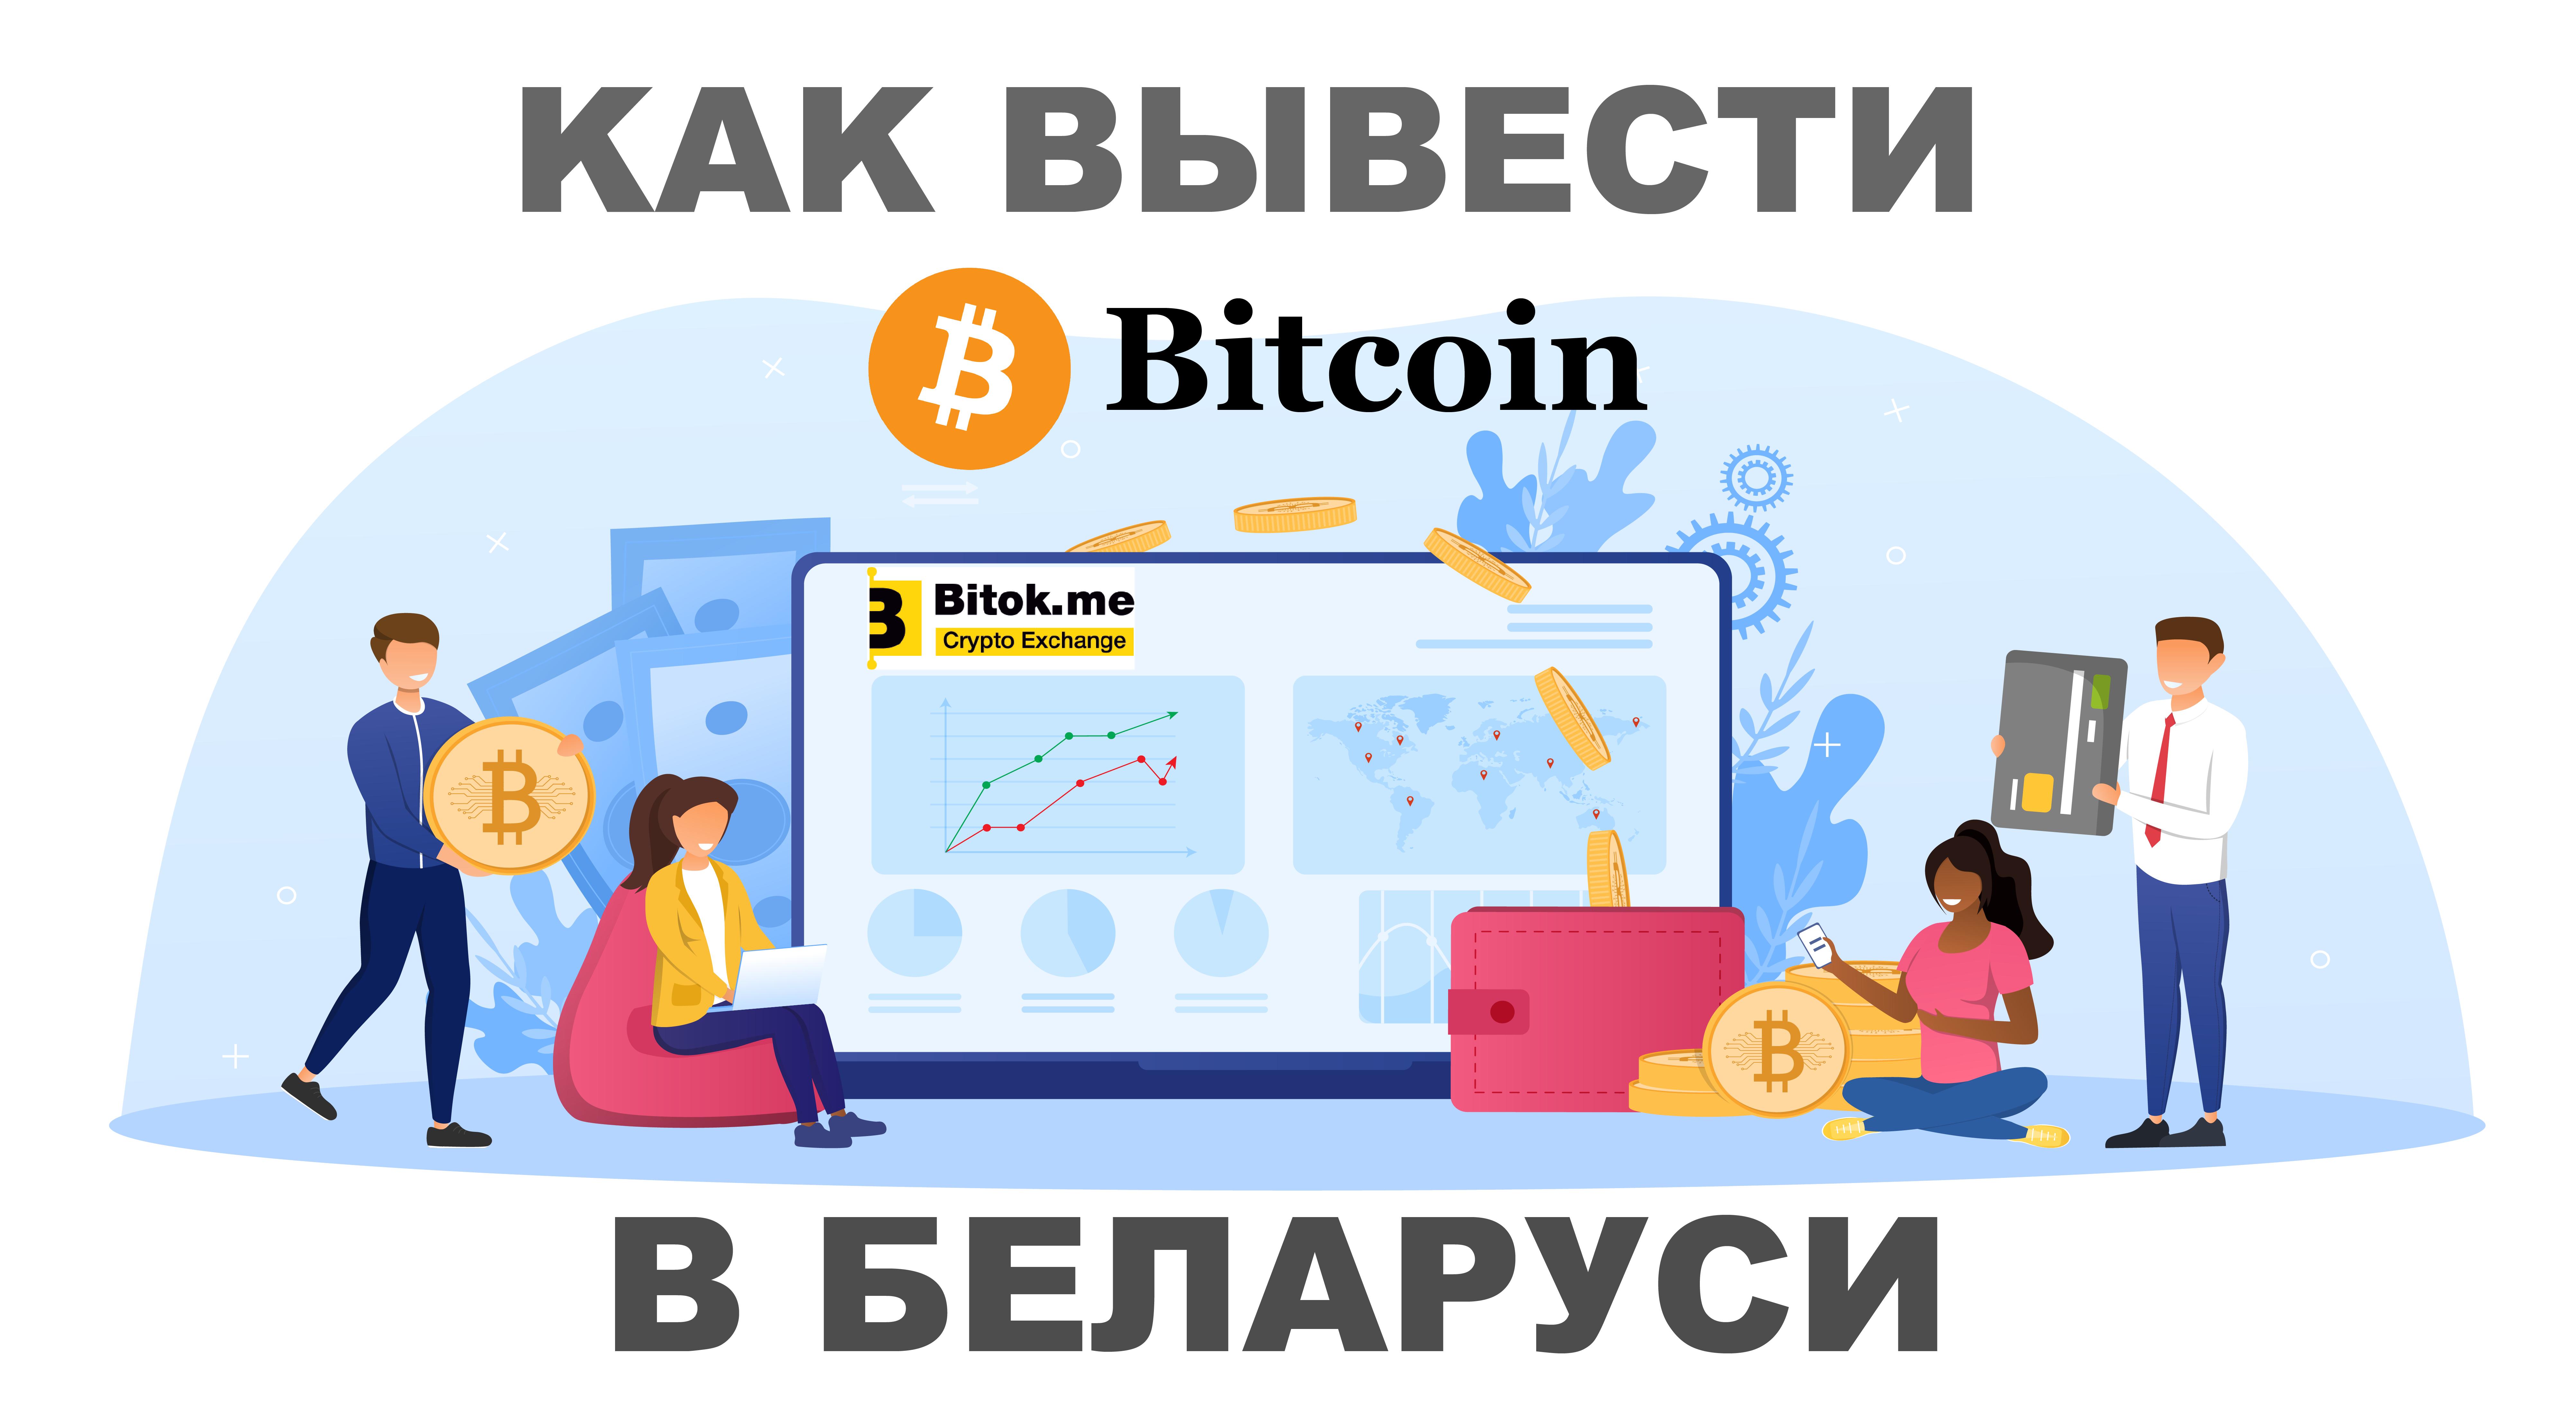 Как вывести биткоин в Беларуси